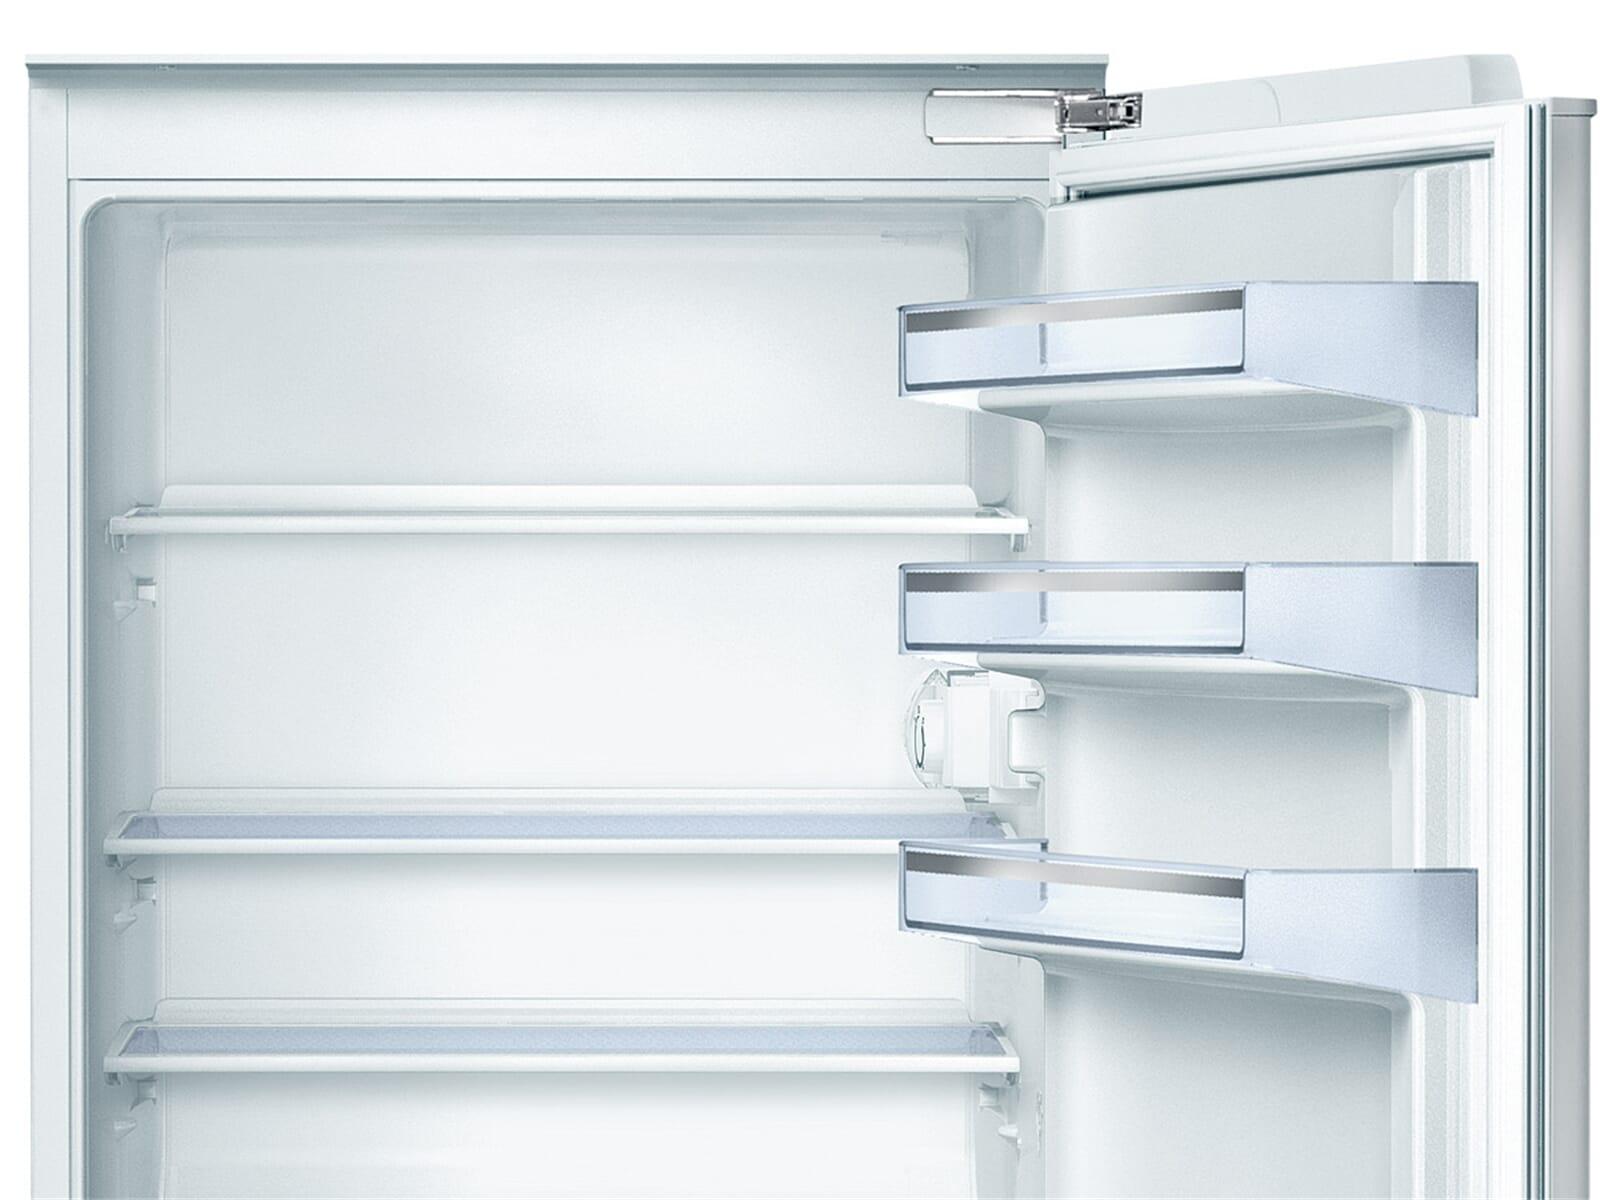 bosch kir18v51 einbau k hlschrank f r 328 90 eur shop. Black Bedroom Furniture Sets. Home Design Ideas